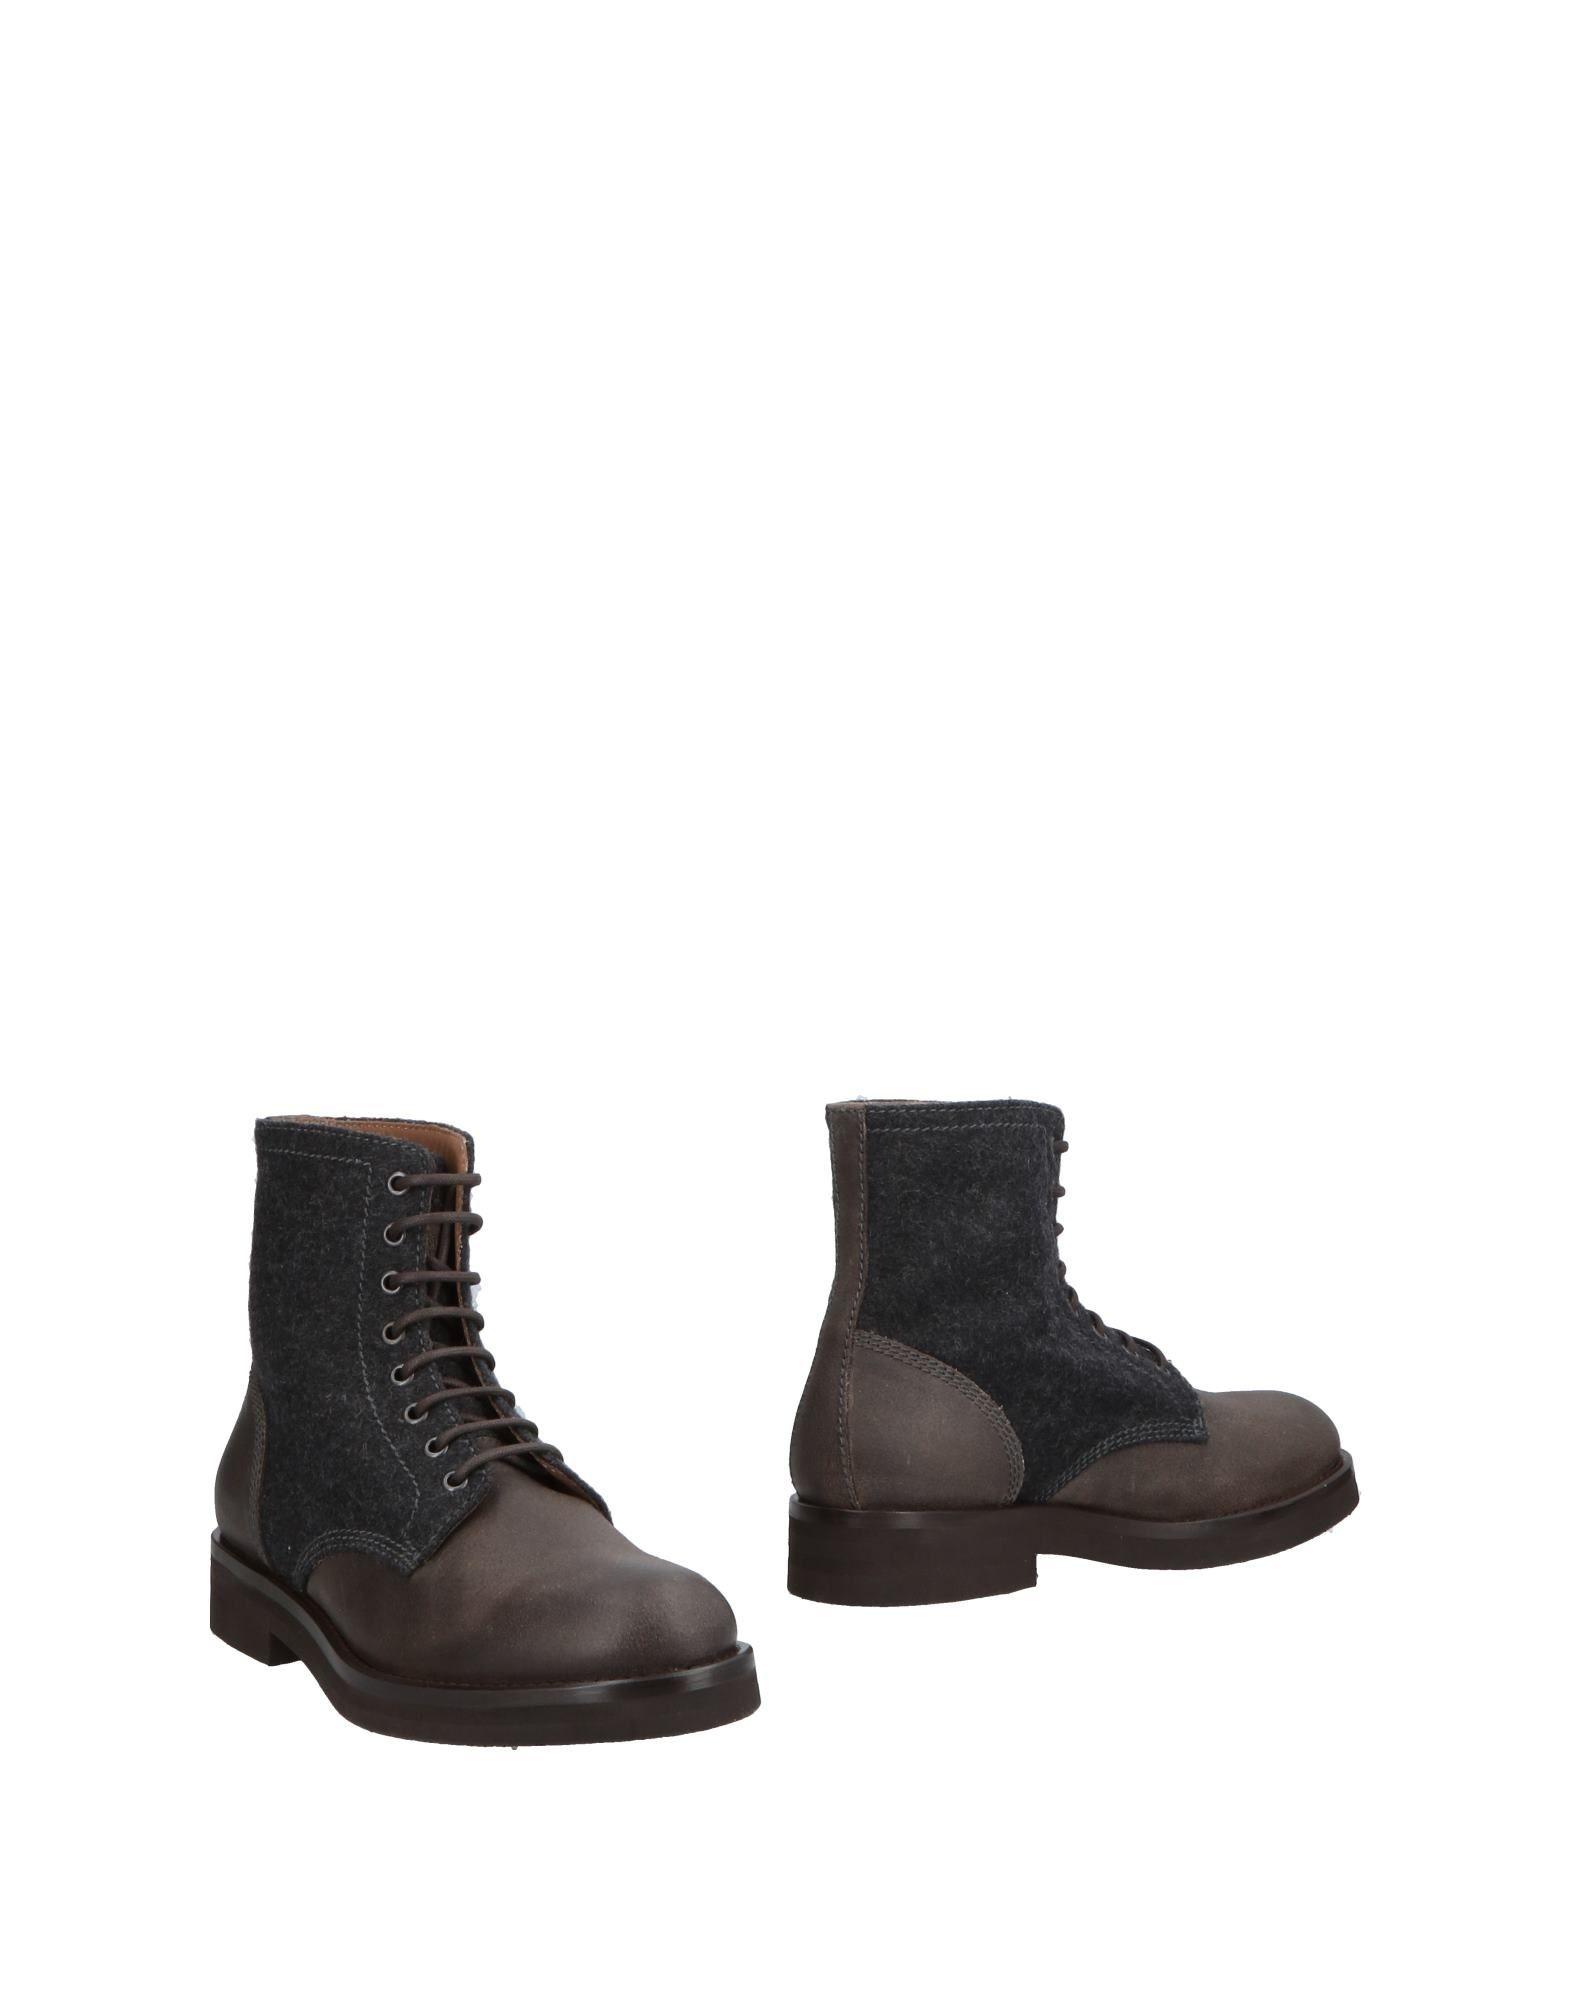 Brunello Cucinelli Stiefelette Herren  11505002CI Gute Qualität beliebte Schuhe